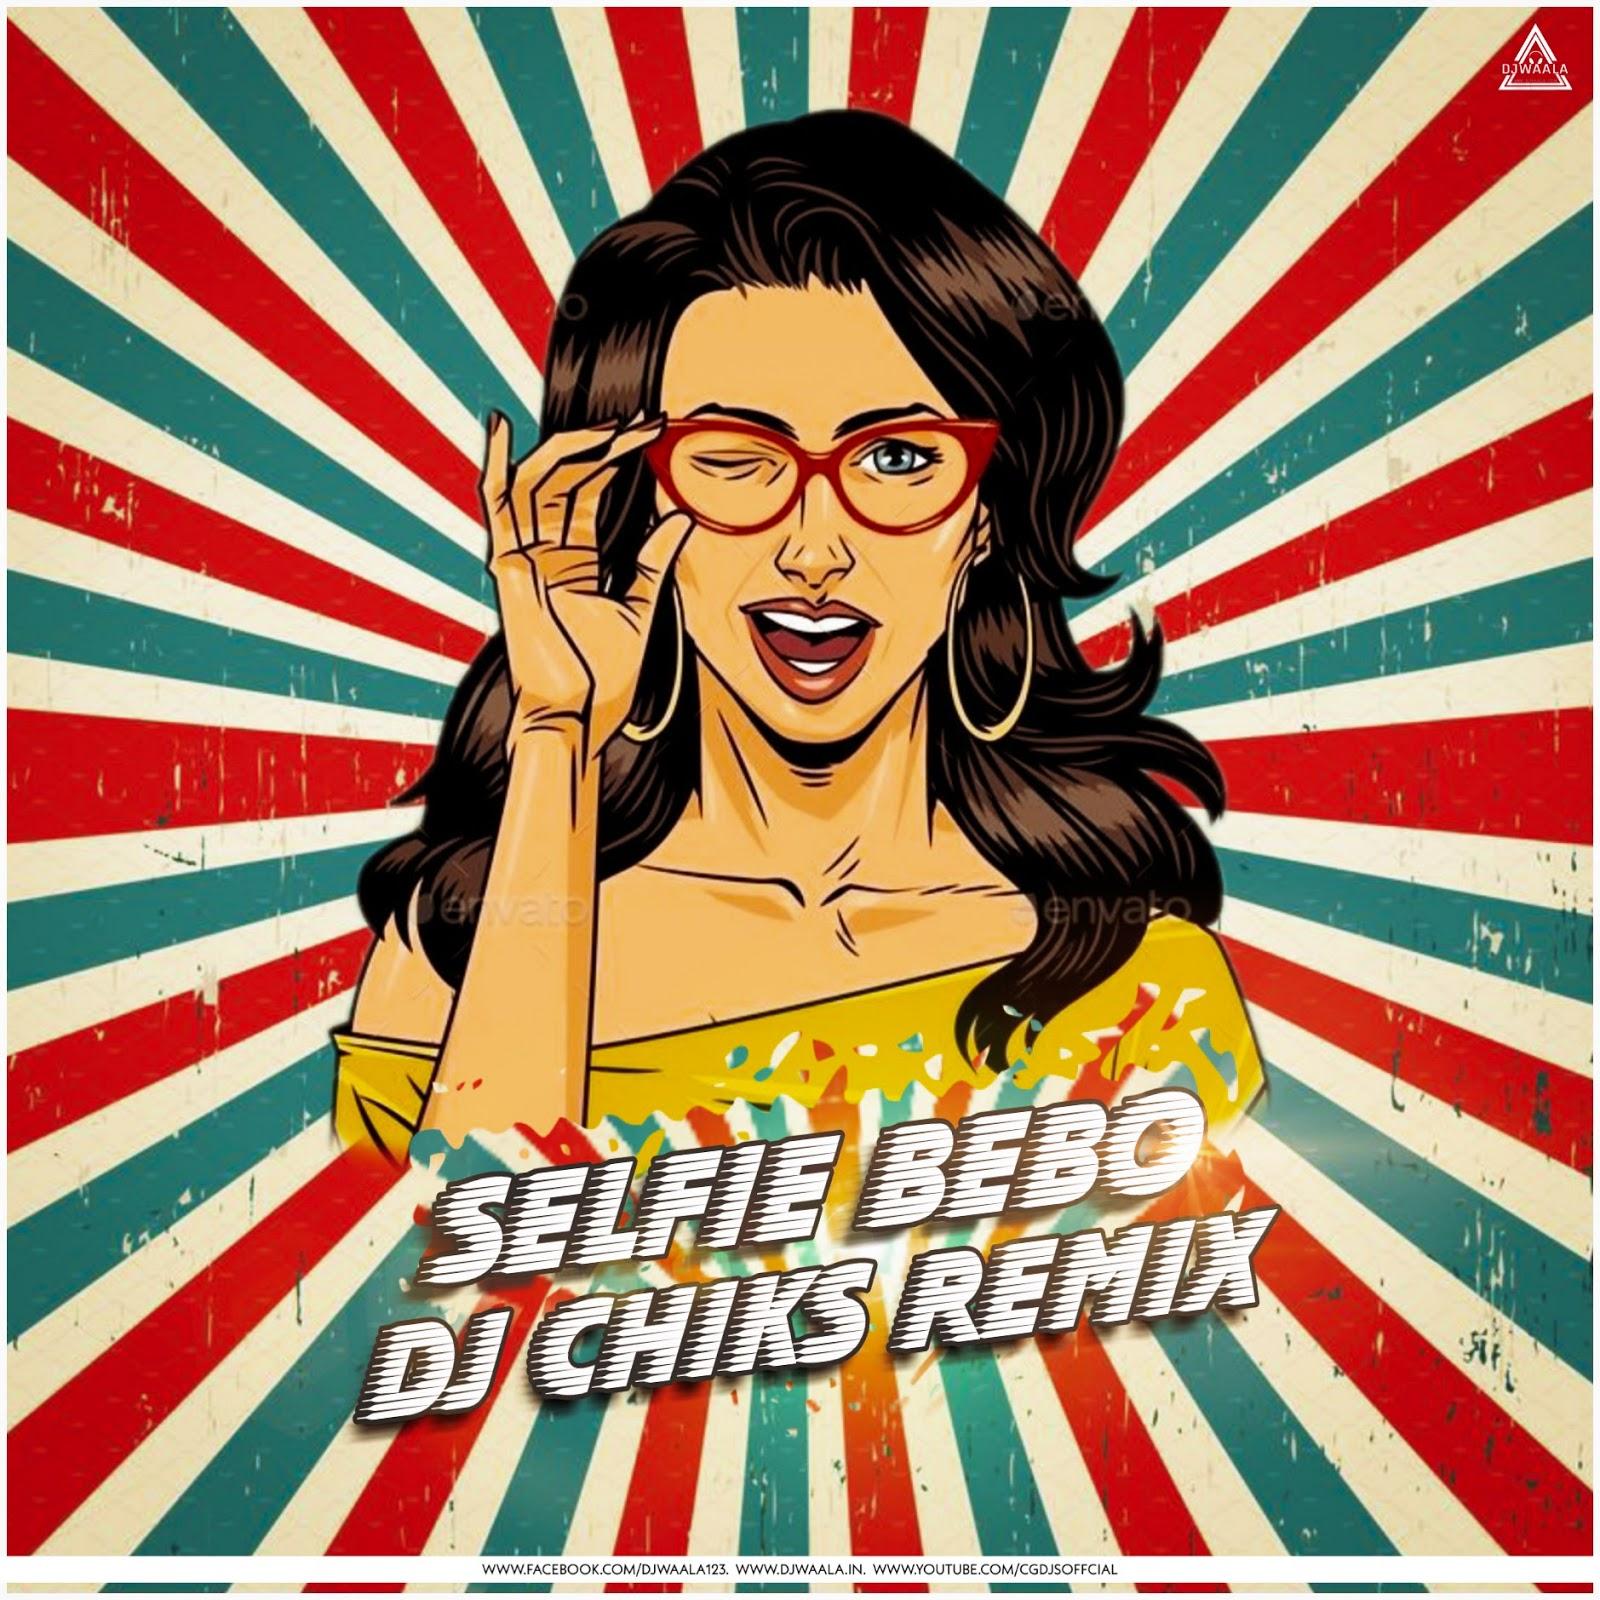 Selfie bebo song